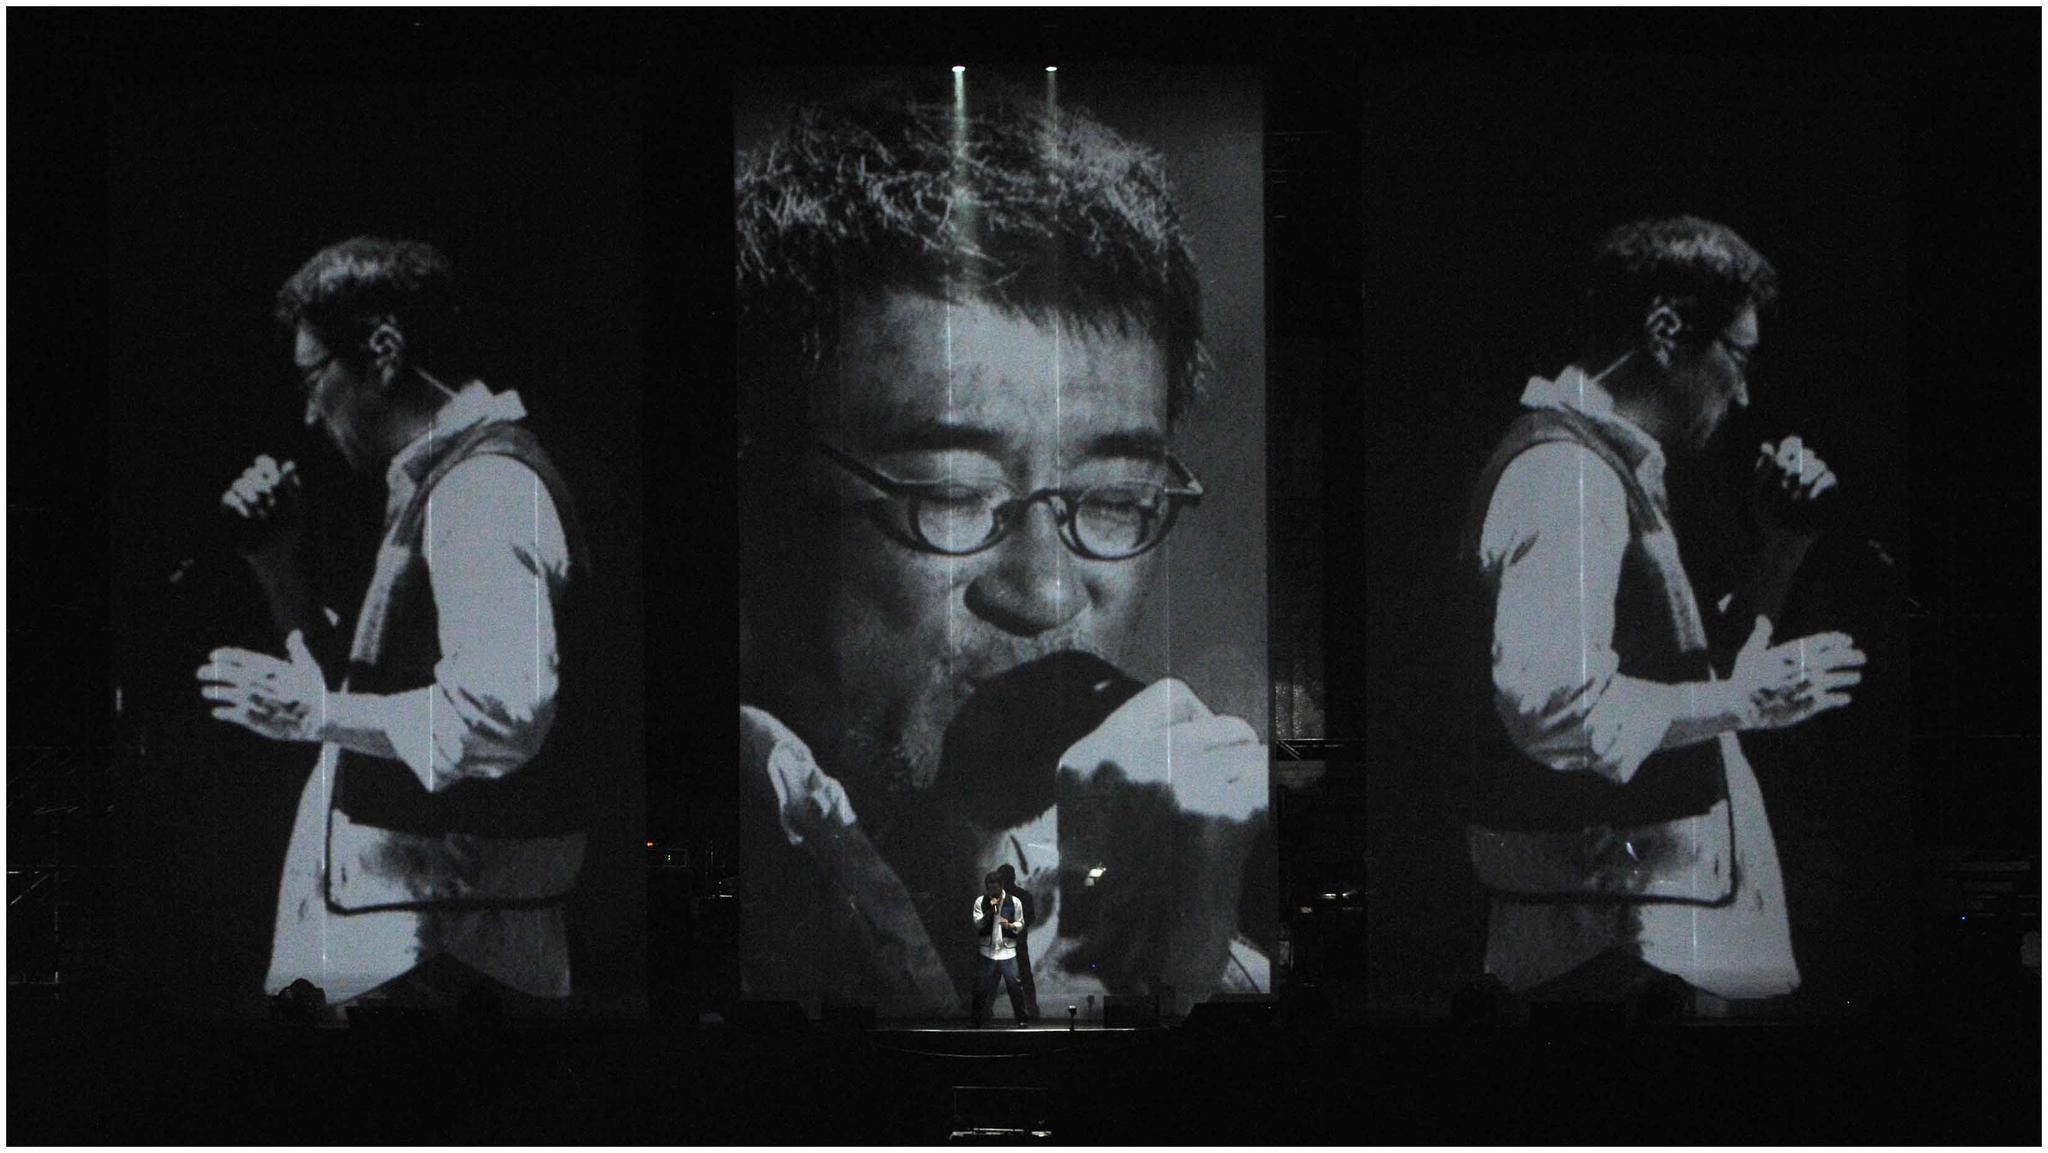 李宗盛写的最烂俗的歌!给瞧不上的跑腿小弟去唱,他竟成一代天王